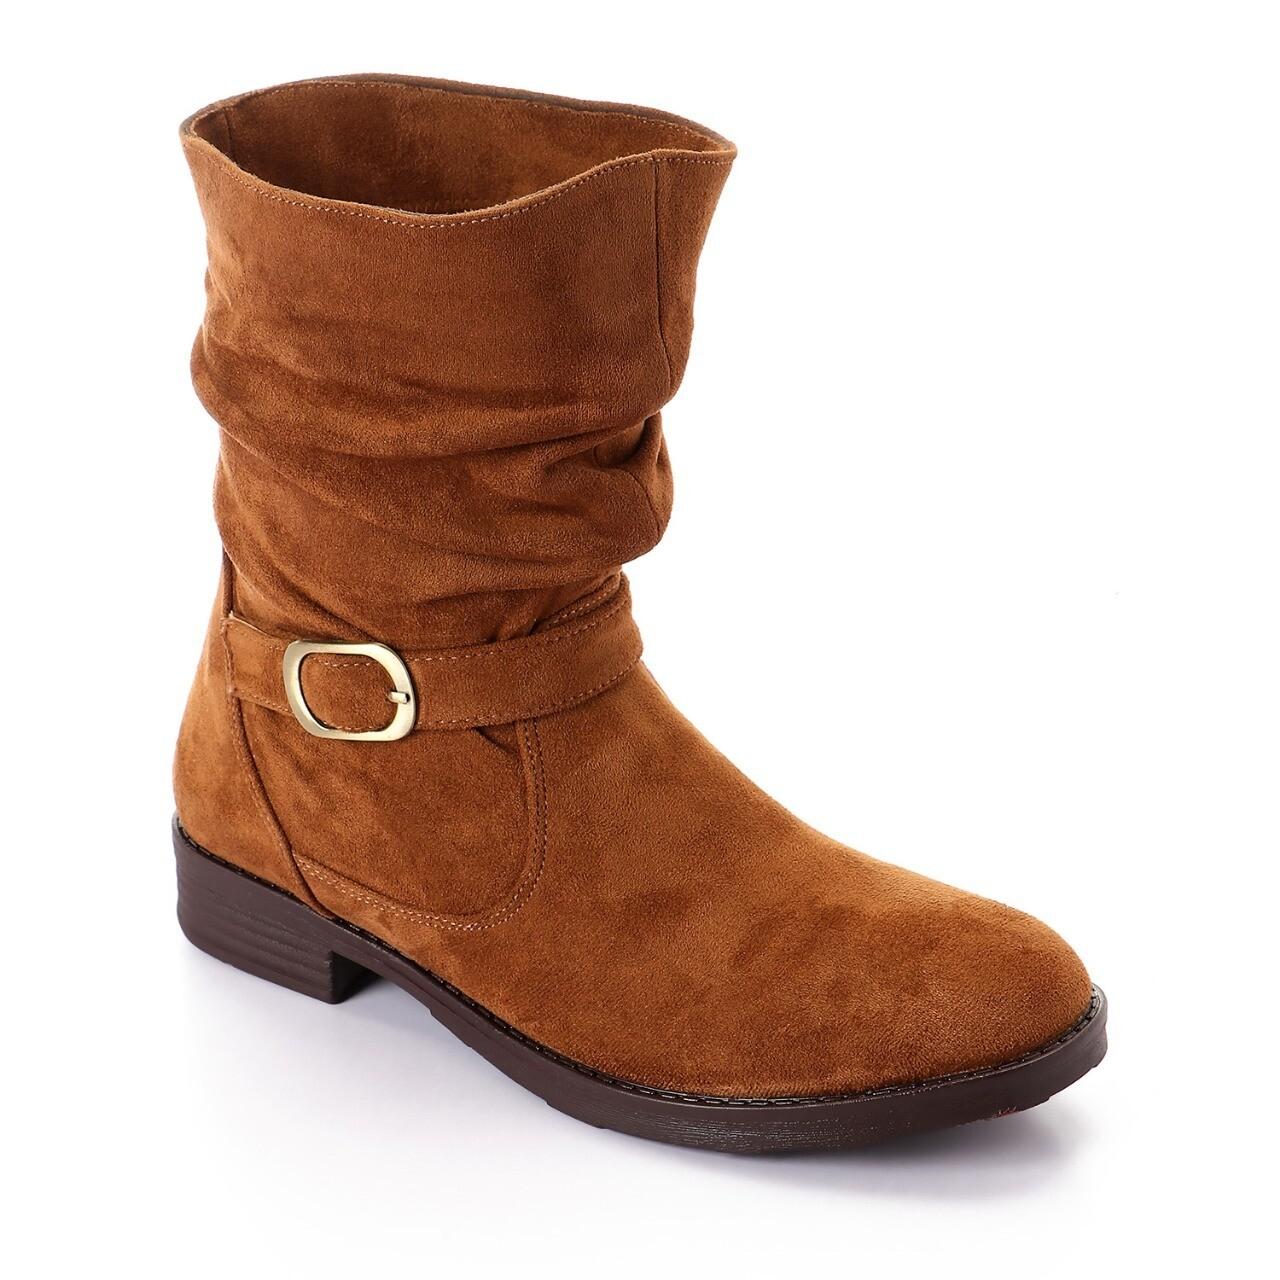 3733 Half Boot - Camel  SU